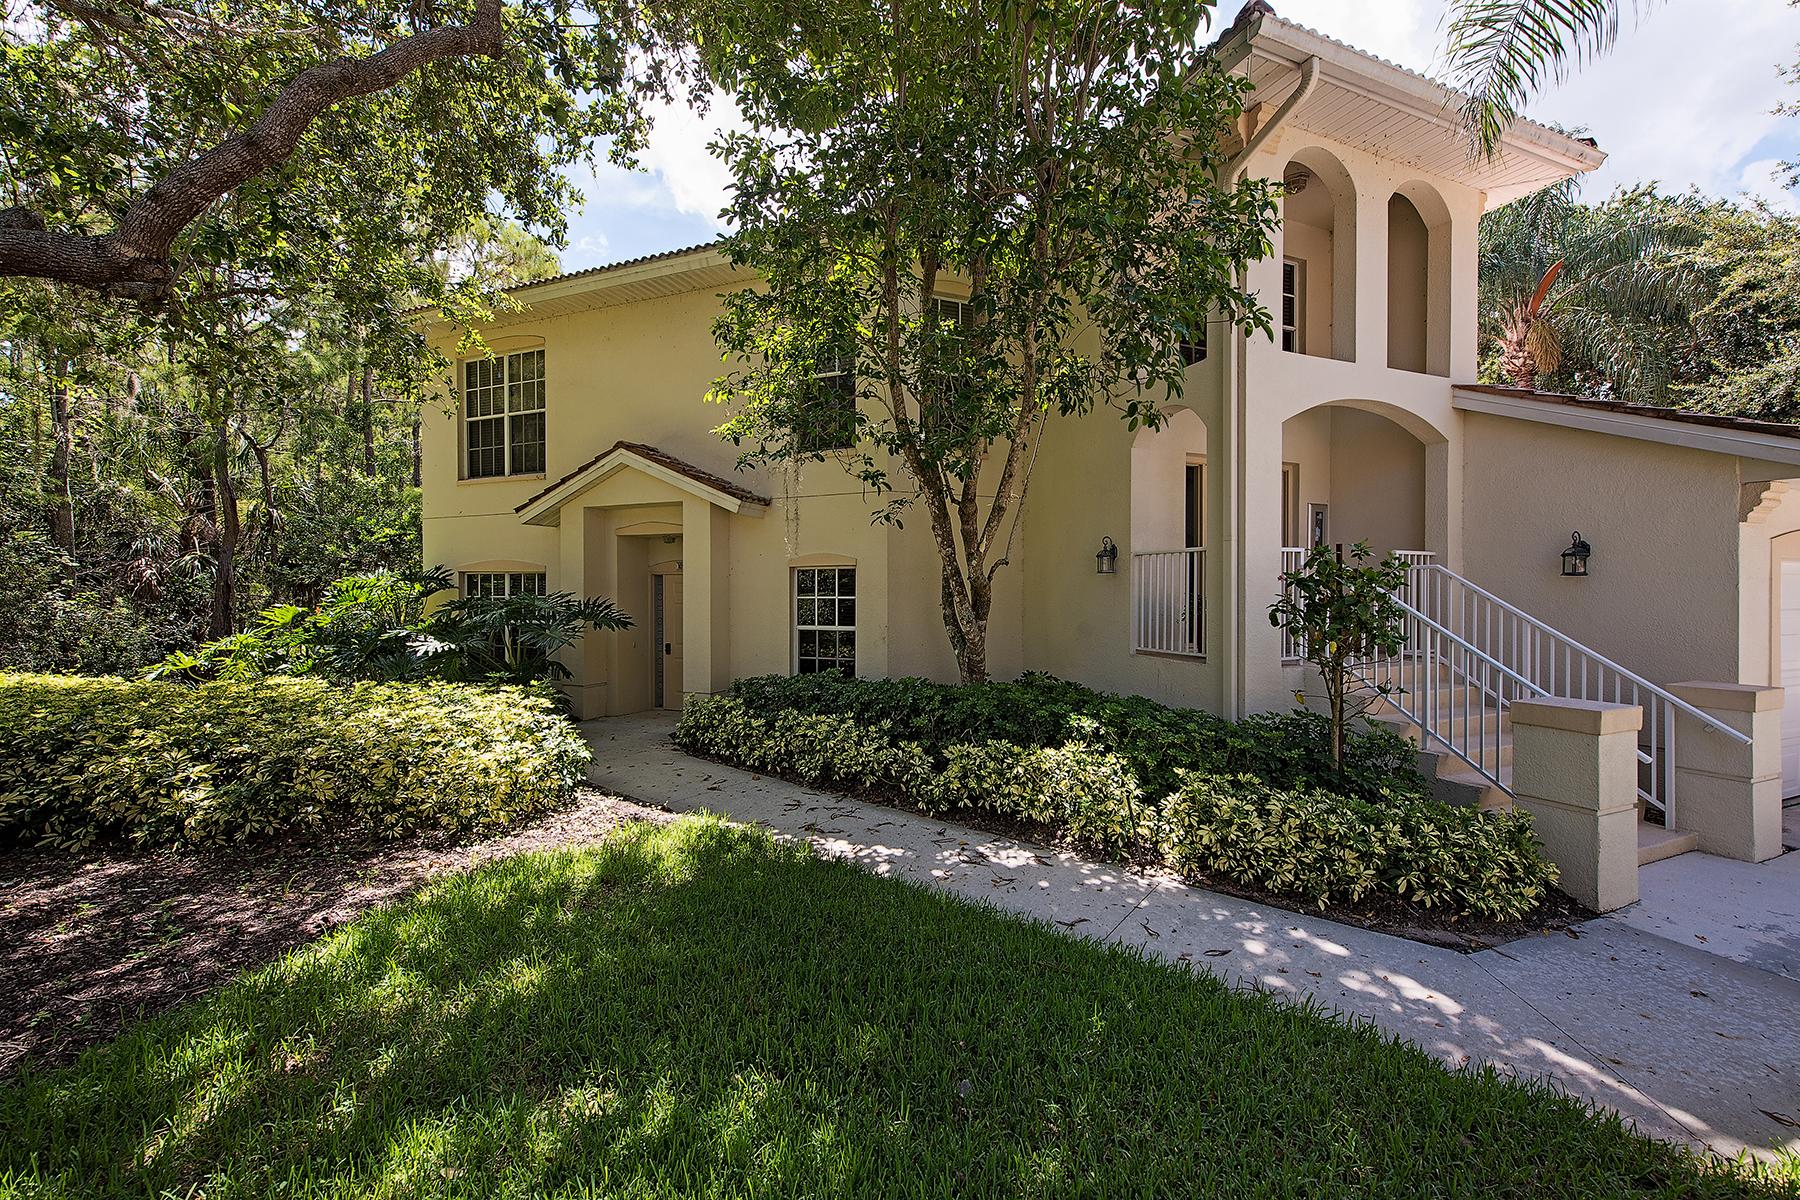 コンドミニアム のために 売買 アット PELICAN MARSH - EGRETS WALK 1061 Egrets Walk Cir 101 Naples, フロリダ, 34108 アメリカ合衆国